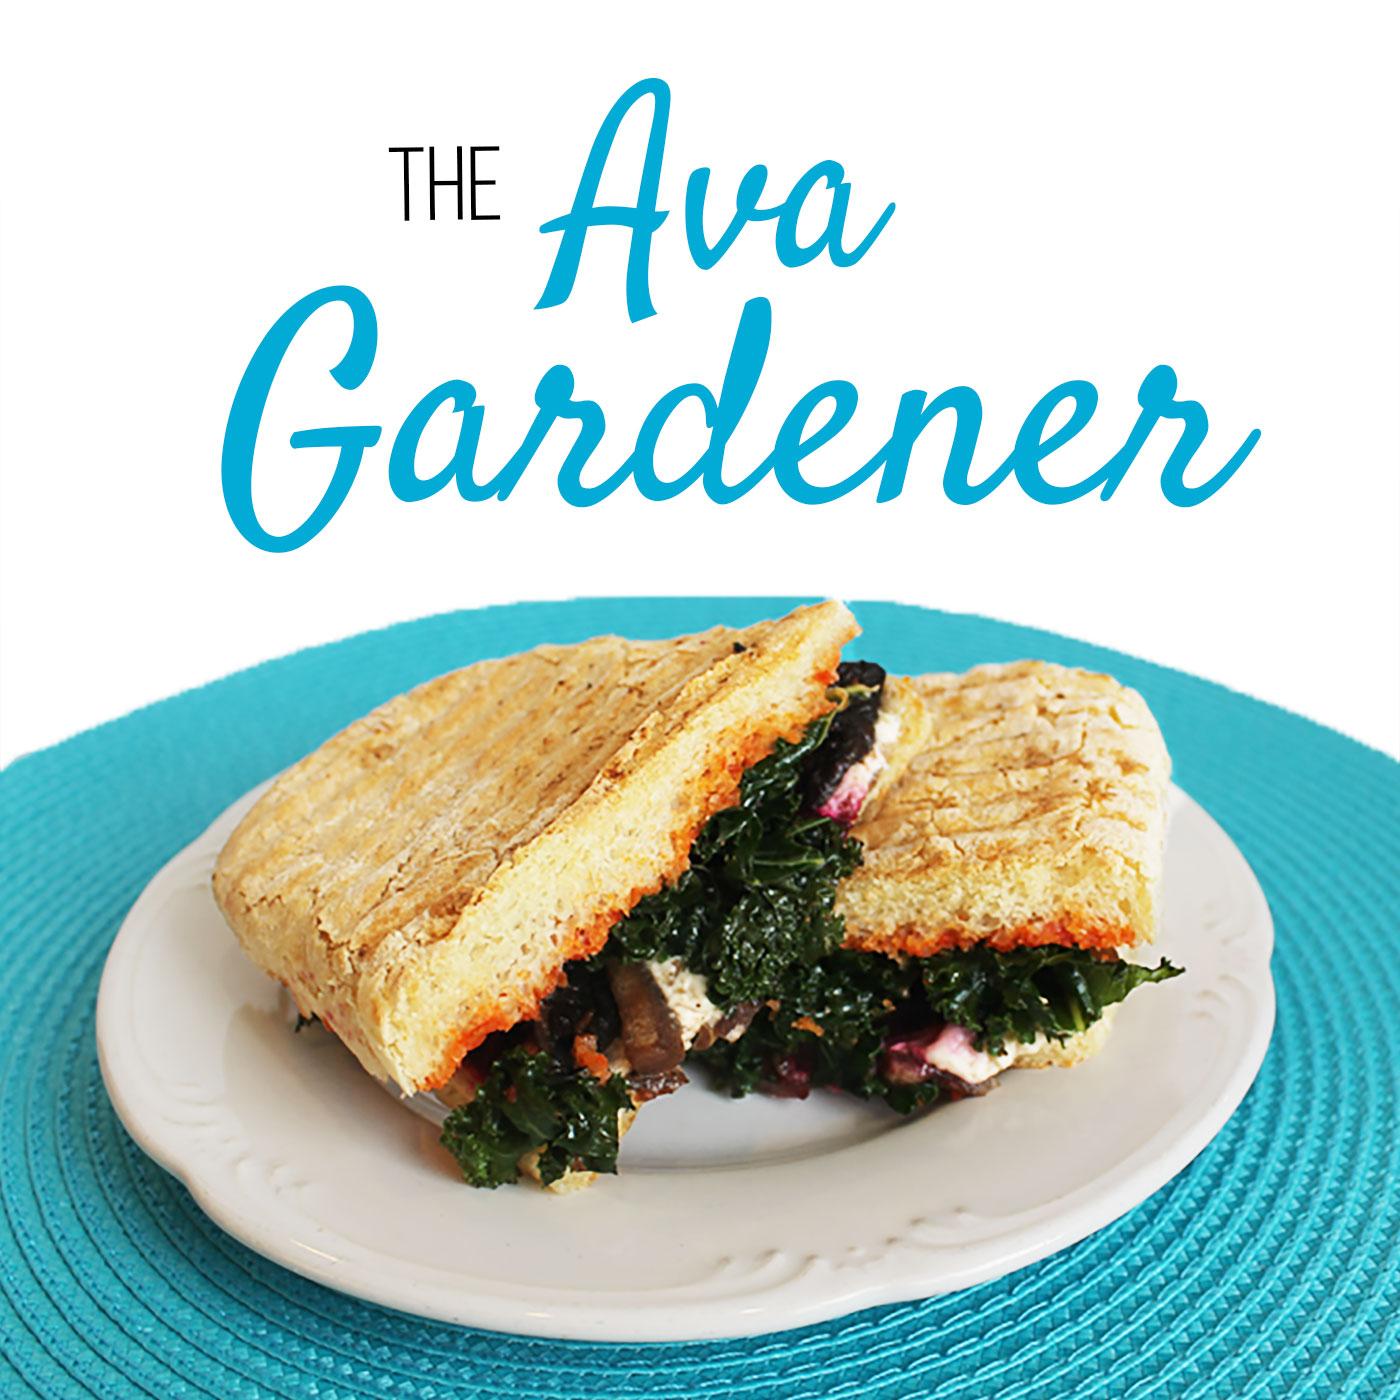 The Ava Gardener